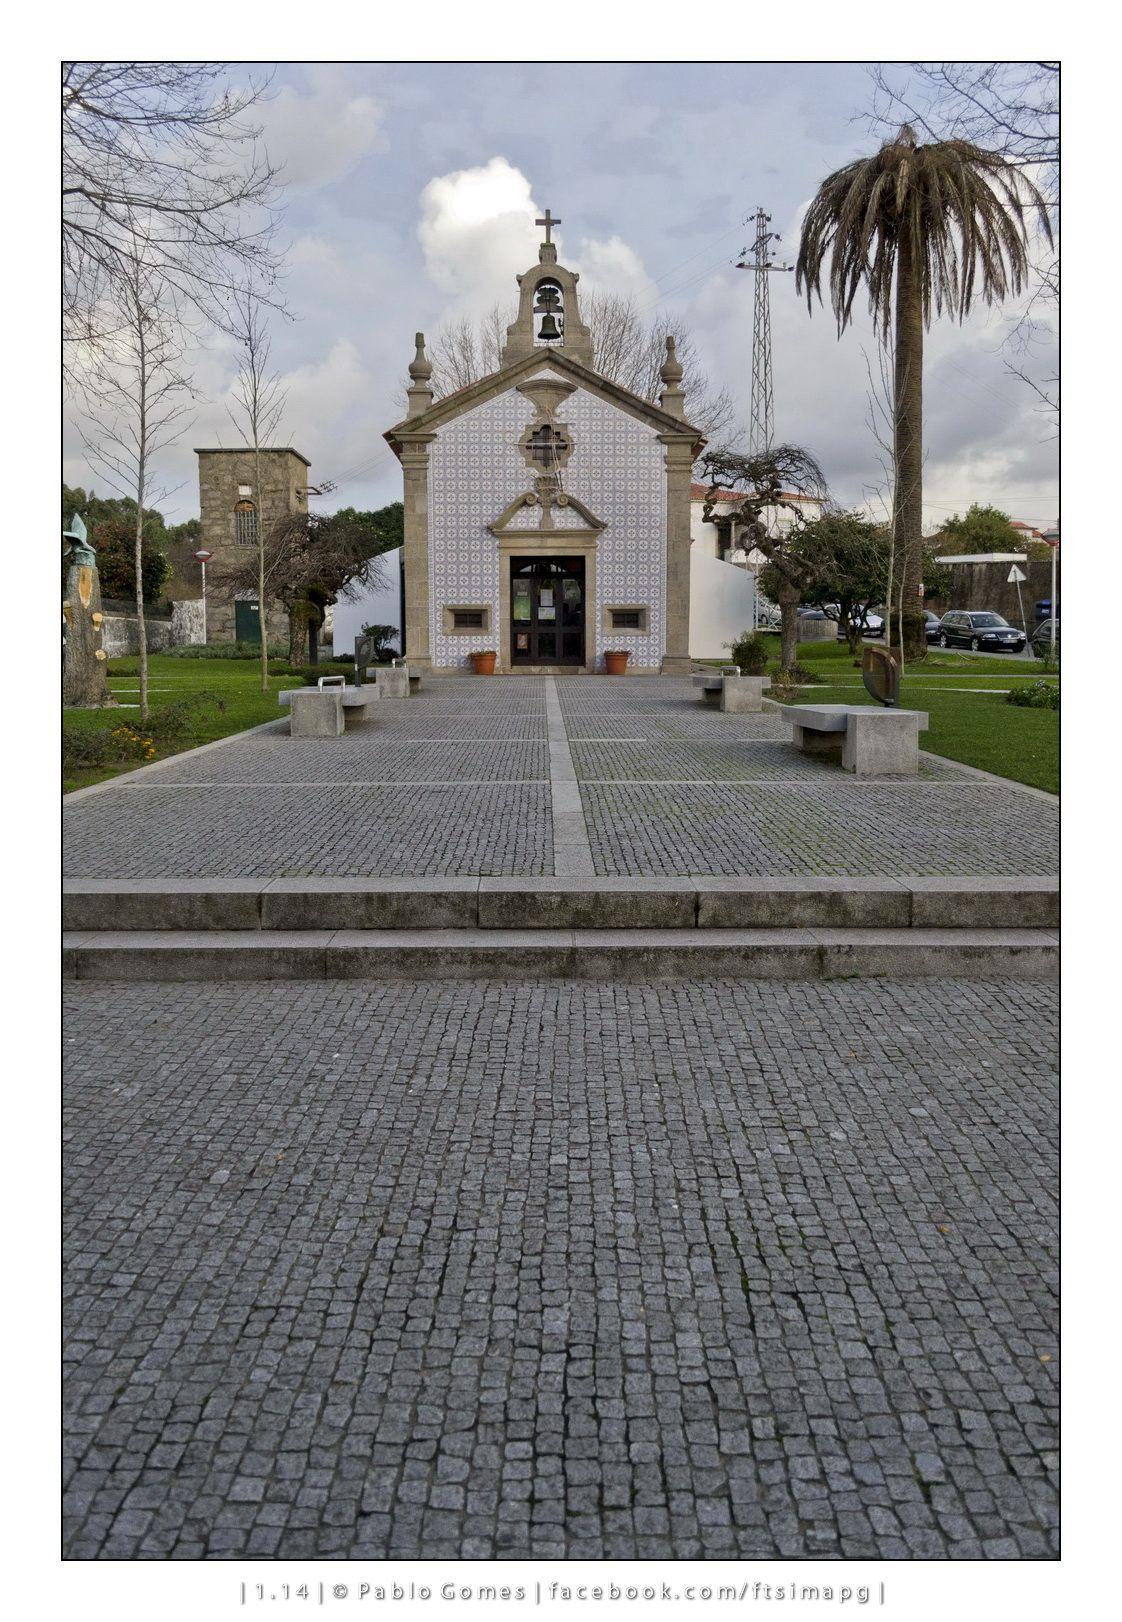 Capela de São Martinho / Capilla de San Martin / St. Martin Chapel - Vilar do Paraiso [2014 - Gaia - Portugal] #fotografia #fotografias #photography #foto #fotos #photo #photos #local #locais #locals #cidade #cidades #ciudad #ciudades #city #cities #europa #europe #porto #oporto #turismo #tourism @Visit Portugal @ePortugal @WeBook Porto @OPORTO COOL @Oporto Lobers